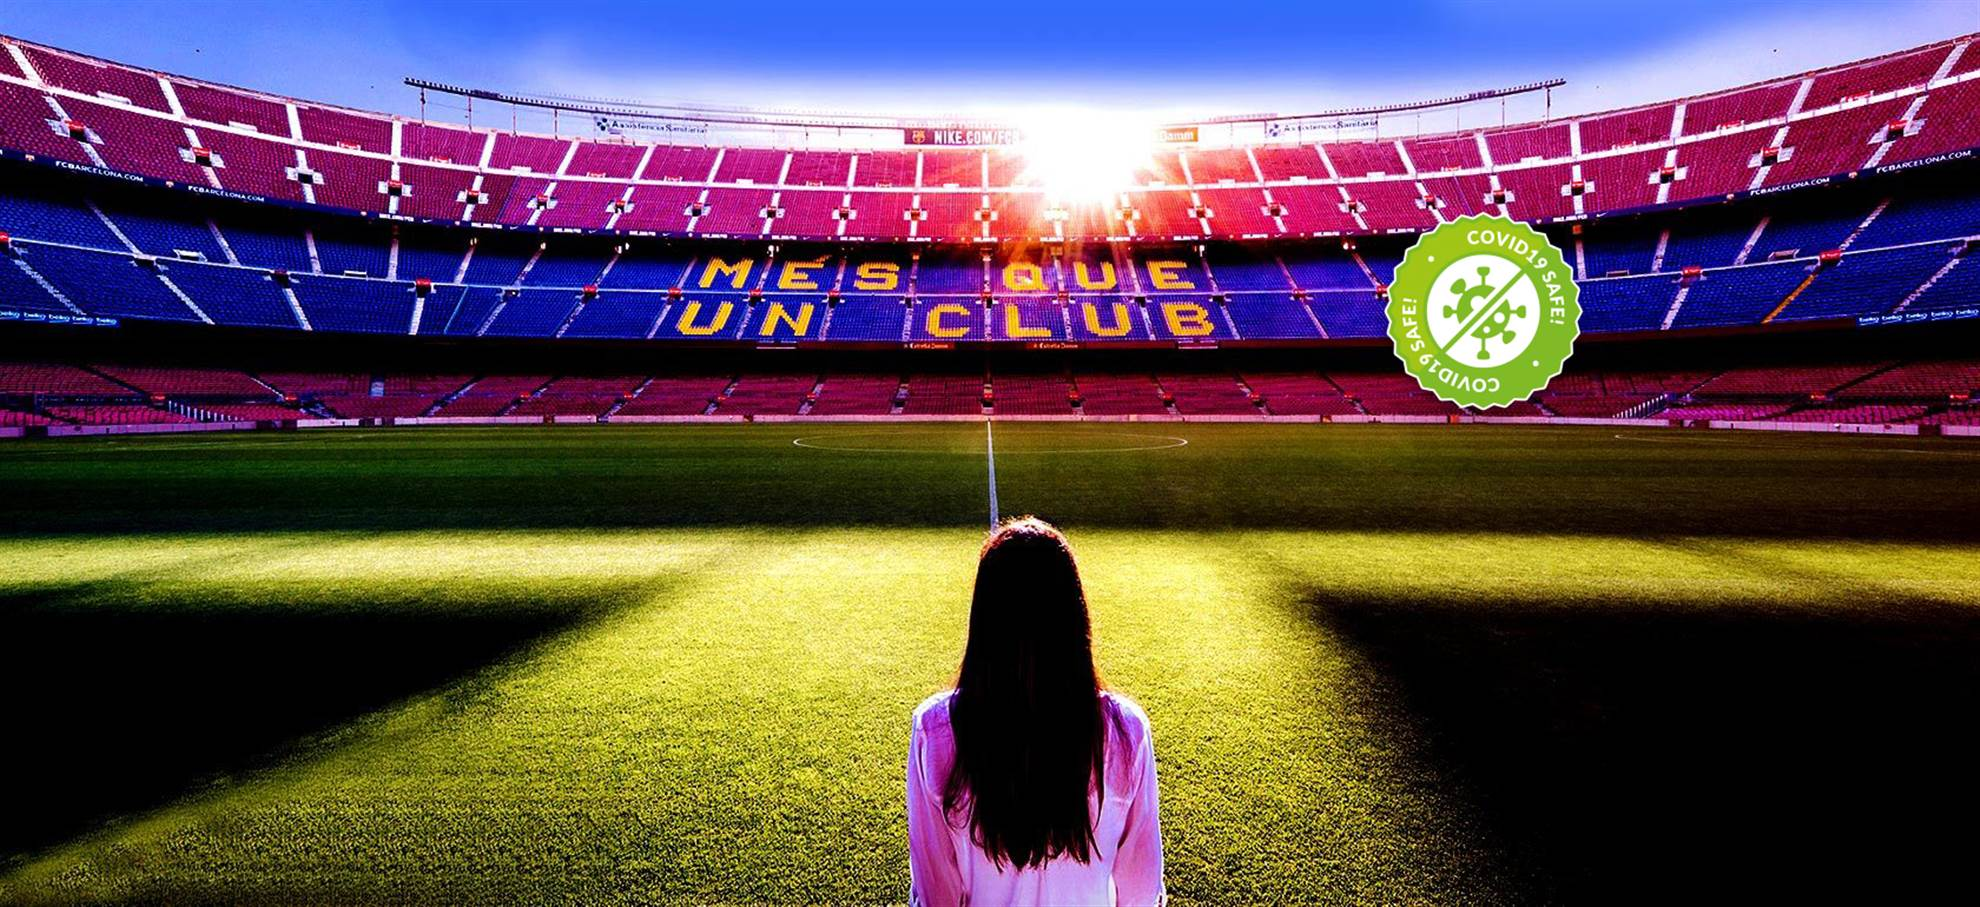 FC Barcelona Tour Camp Nou